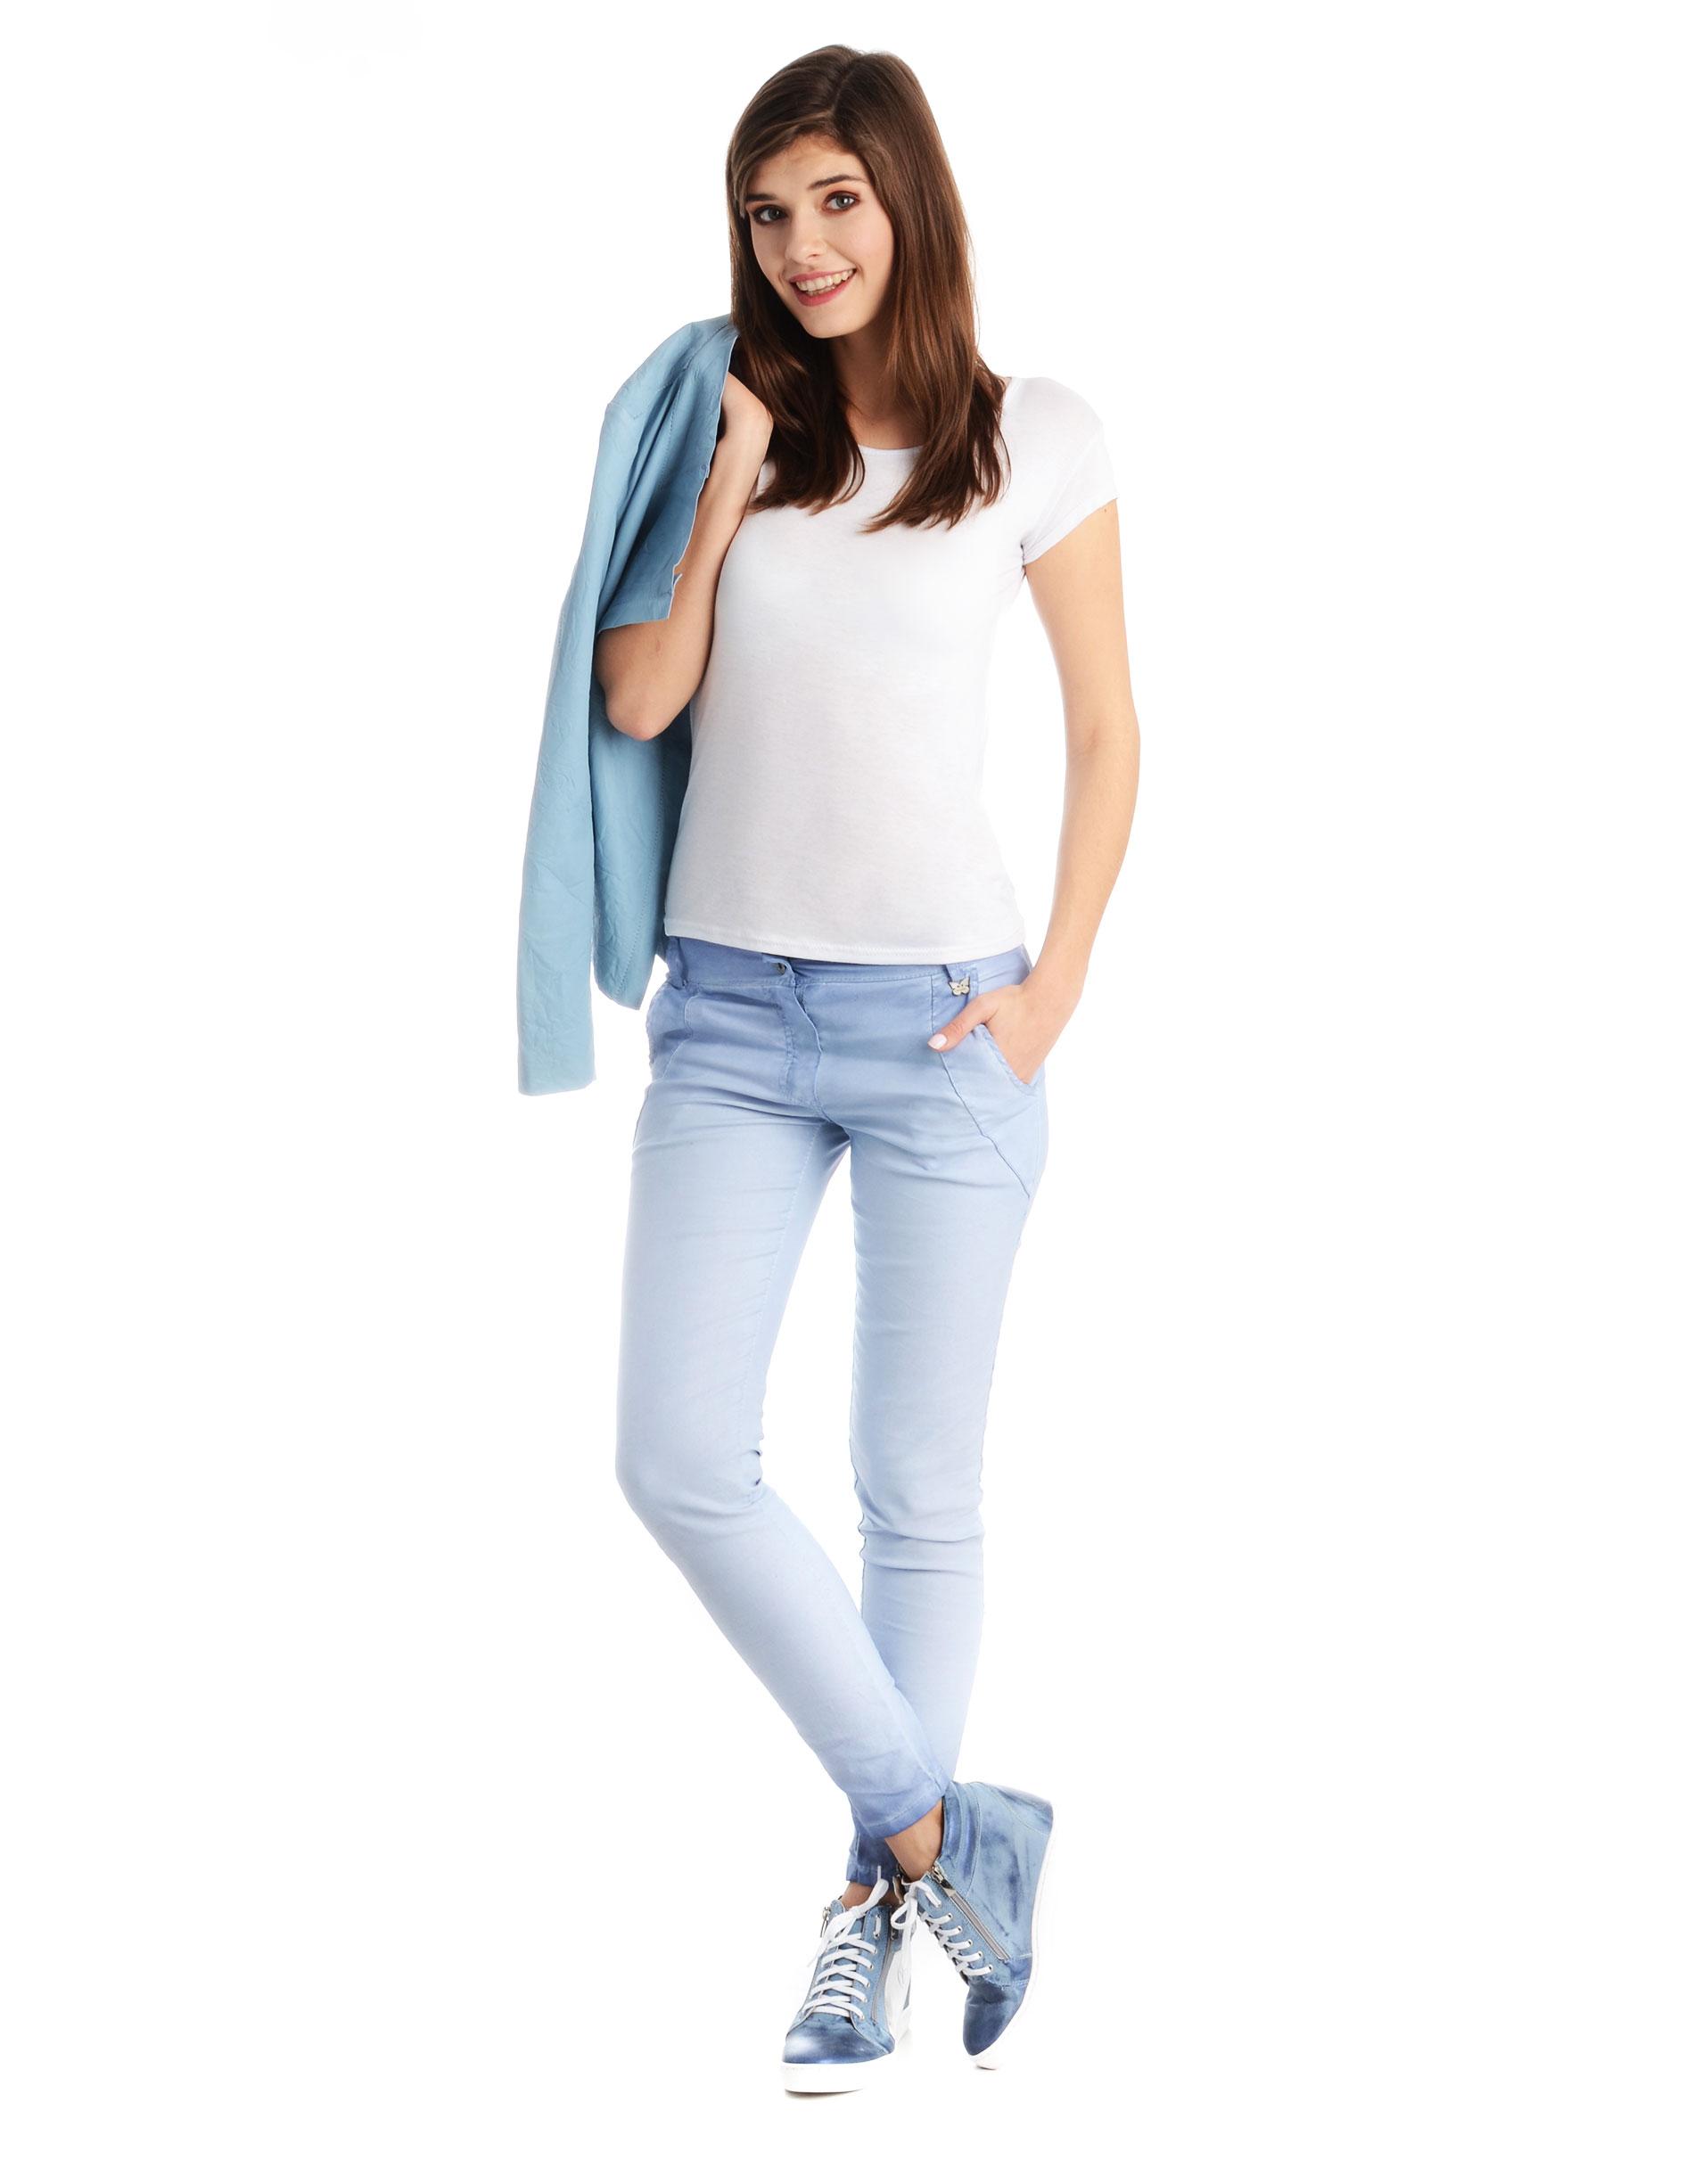 Spodnie - 54-5307 JEANS - Unisono